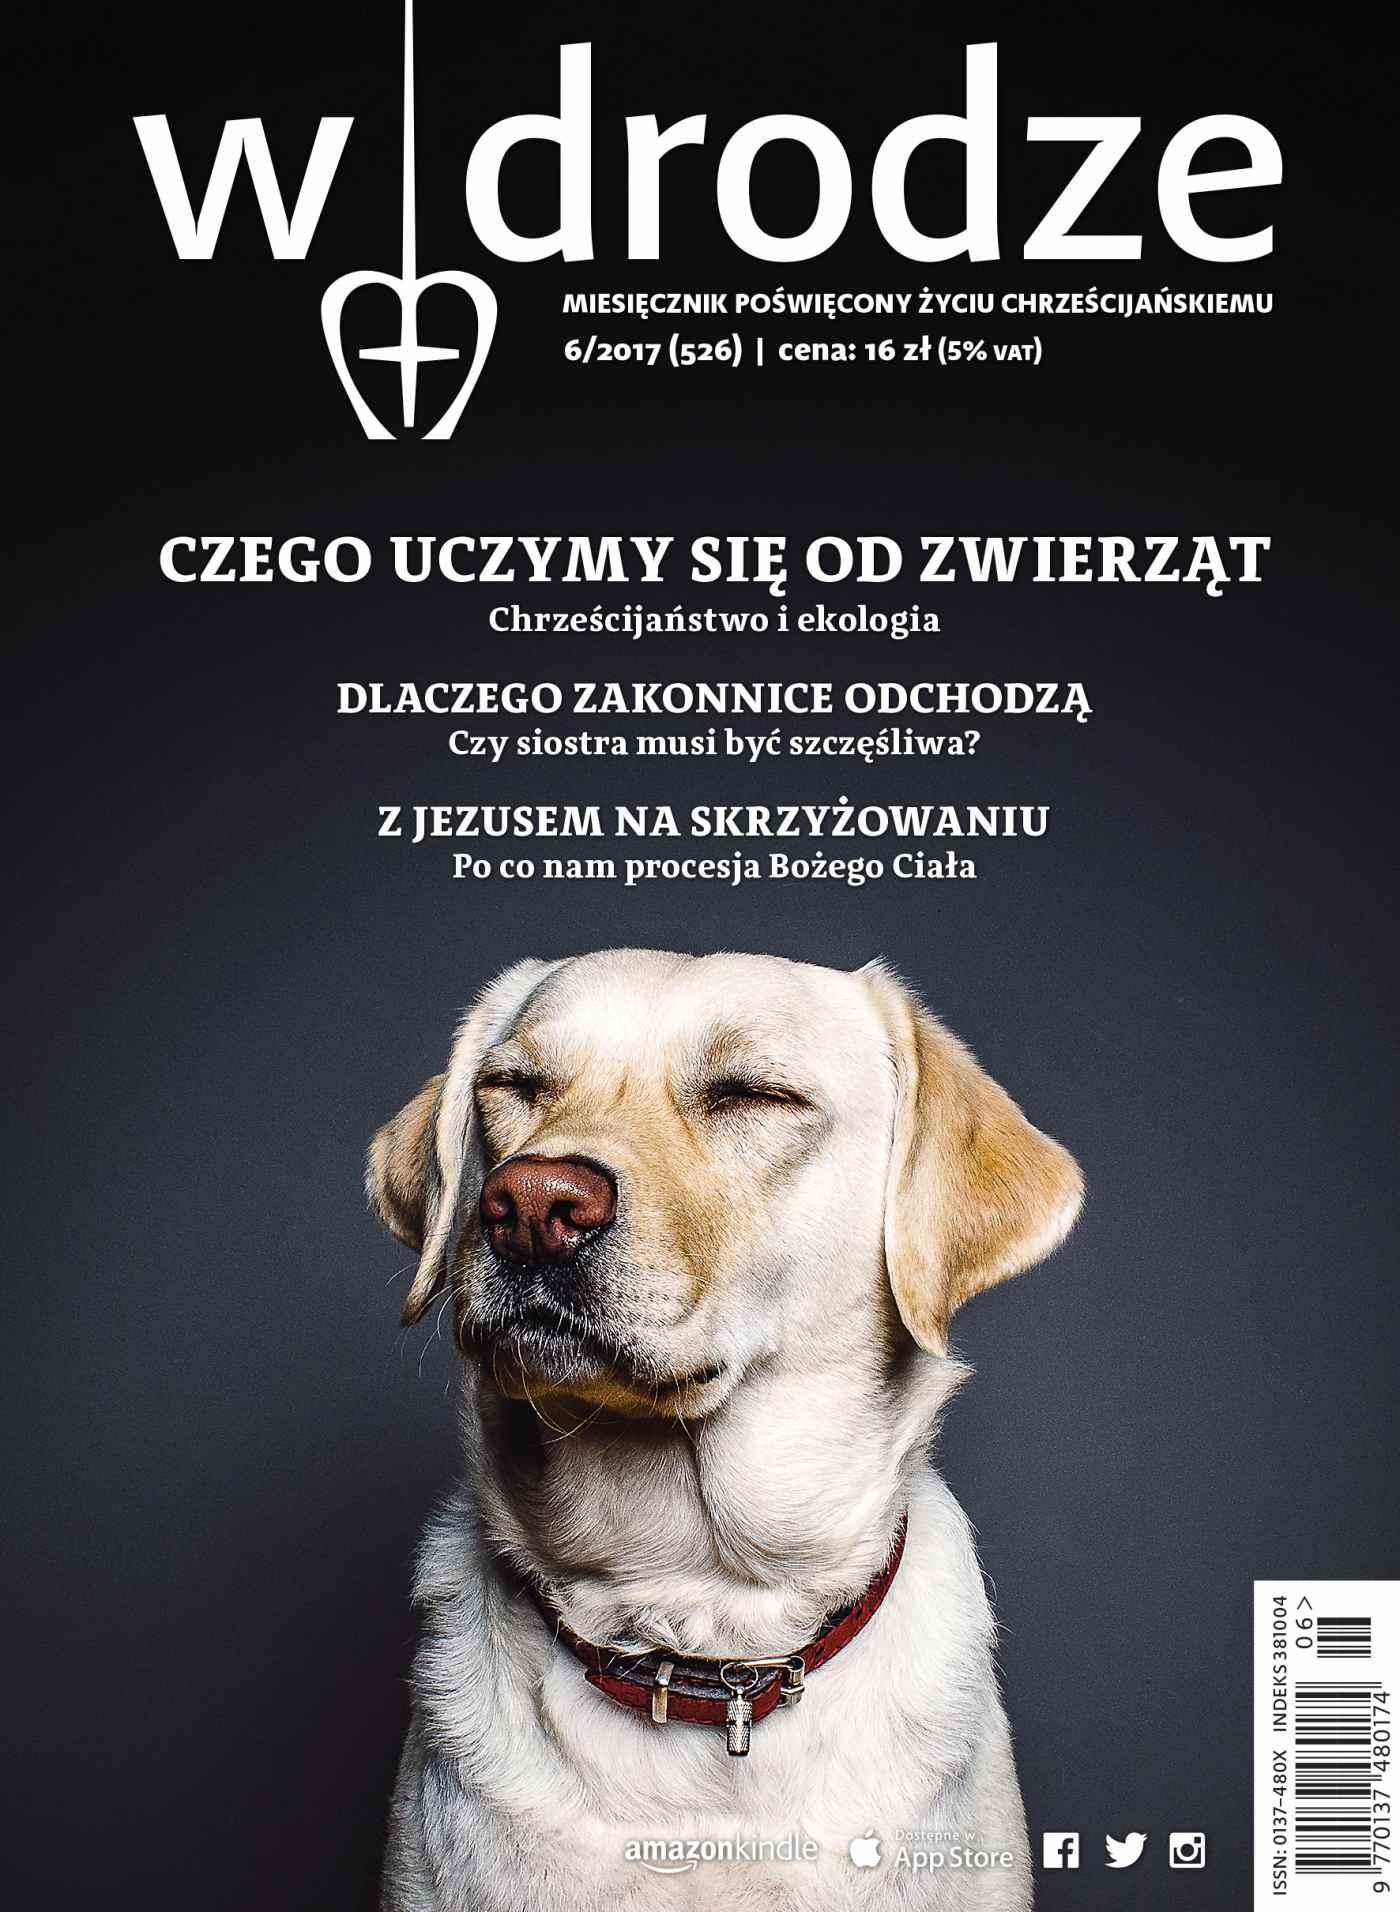 """Miesięcznik """"W drodze"""" nr 526 - Ebook (Książka EPUB) do pobrania w formacie EPUB"""